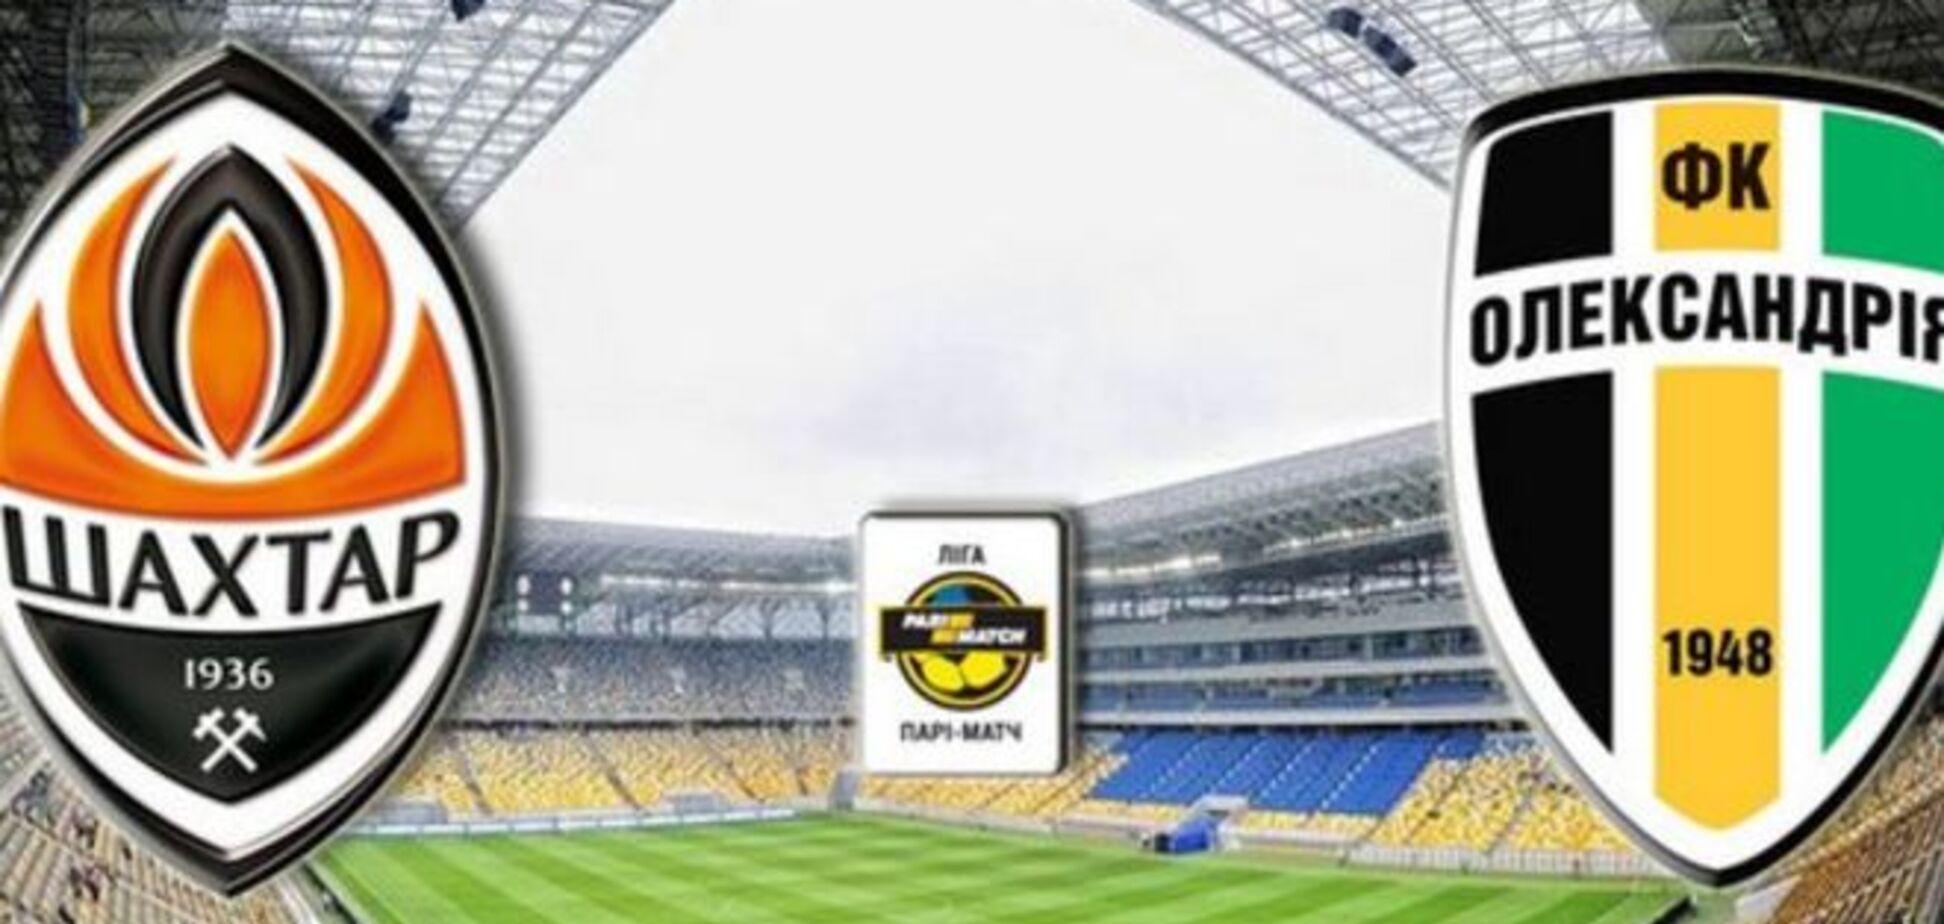 Шахтар - Олександрія: прогноз, де дивитися матч